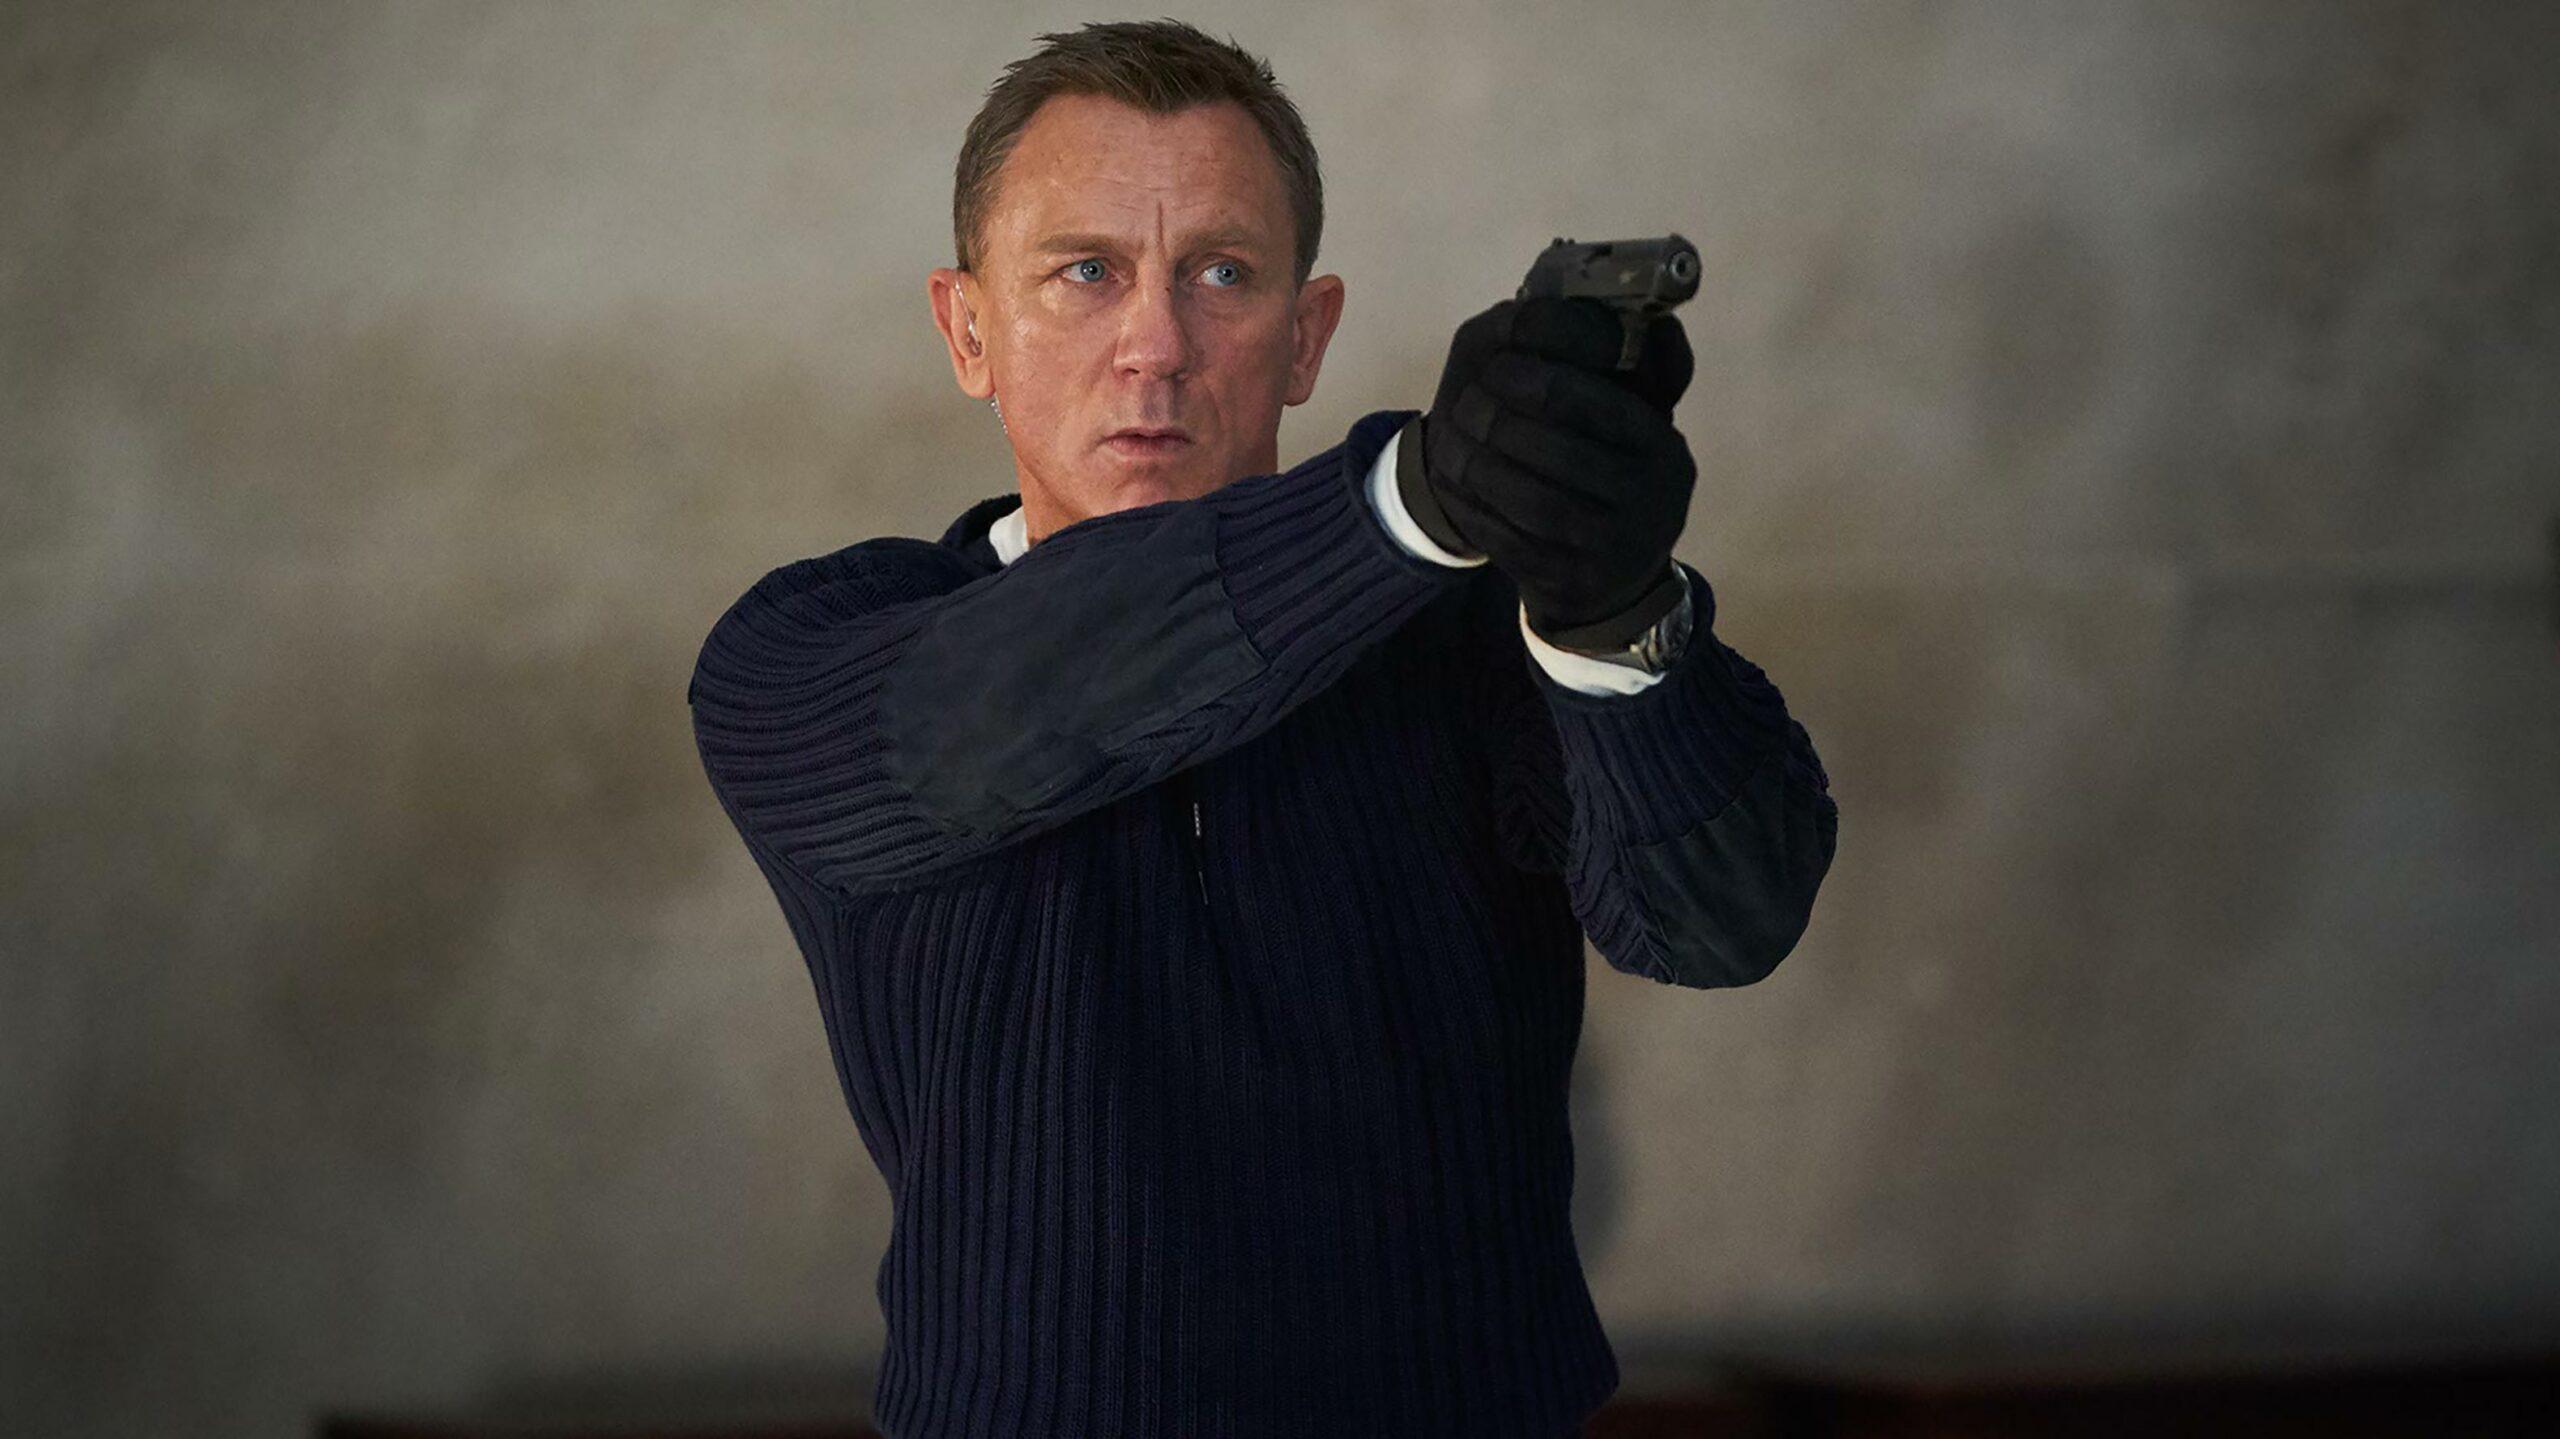 Daniel Craig with gun in No Time to Die